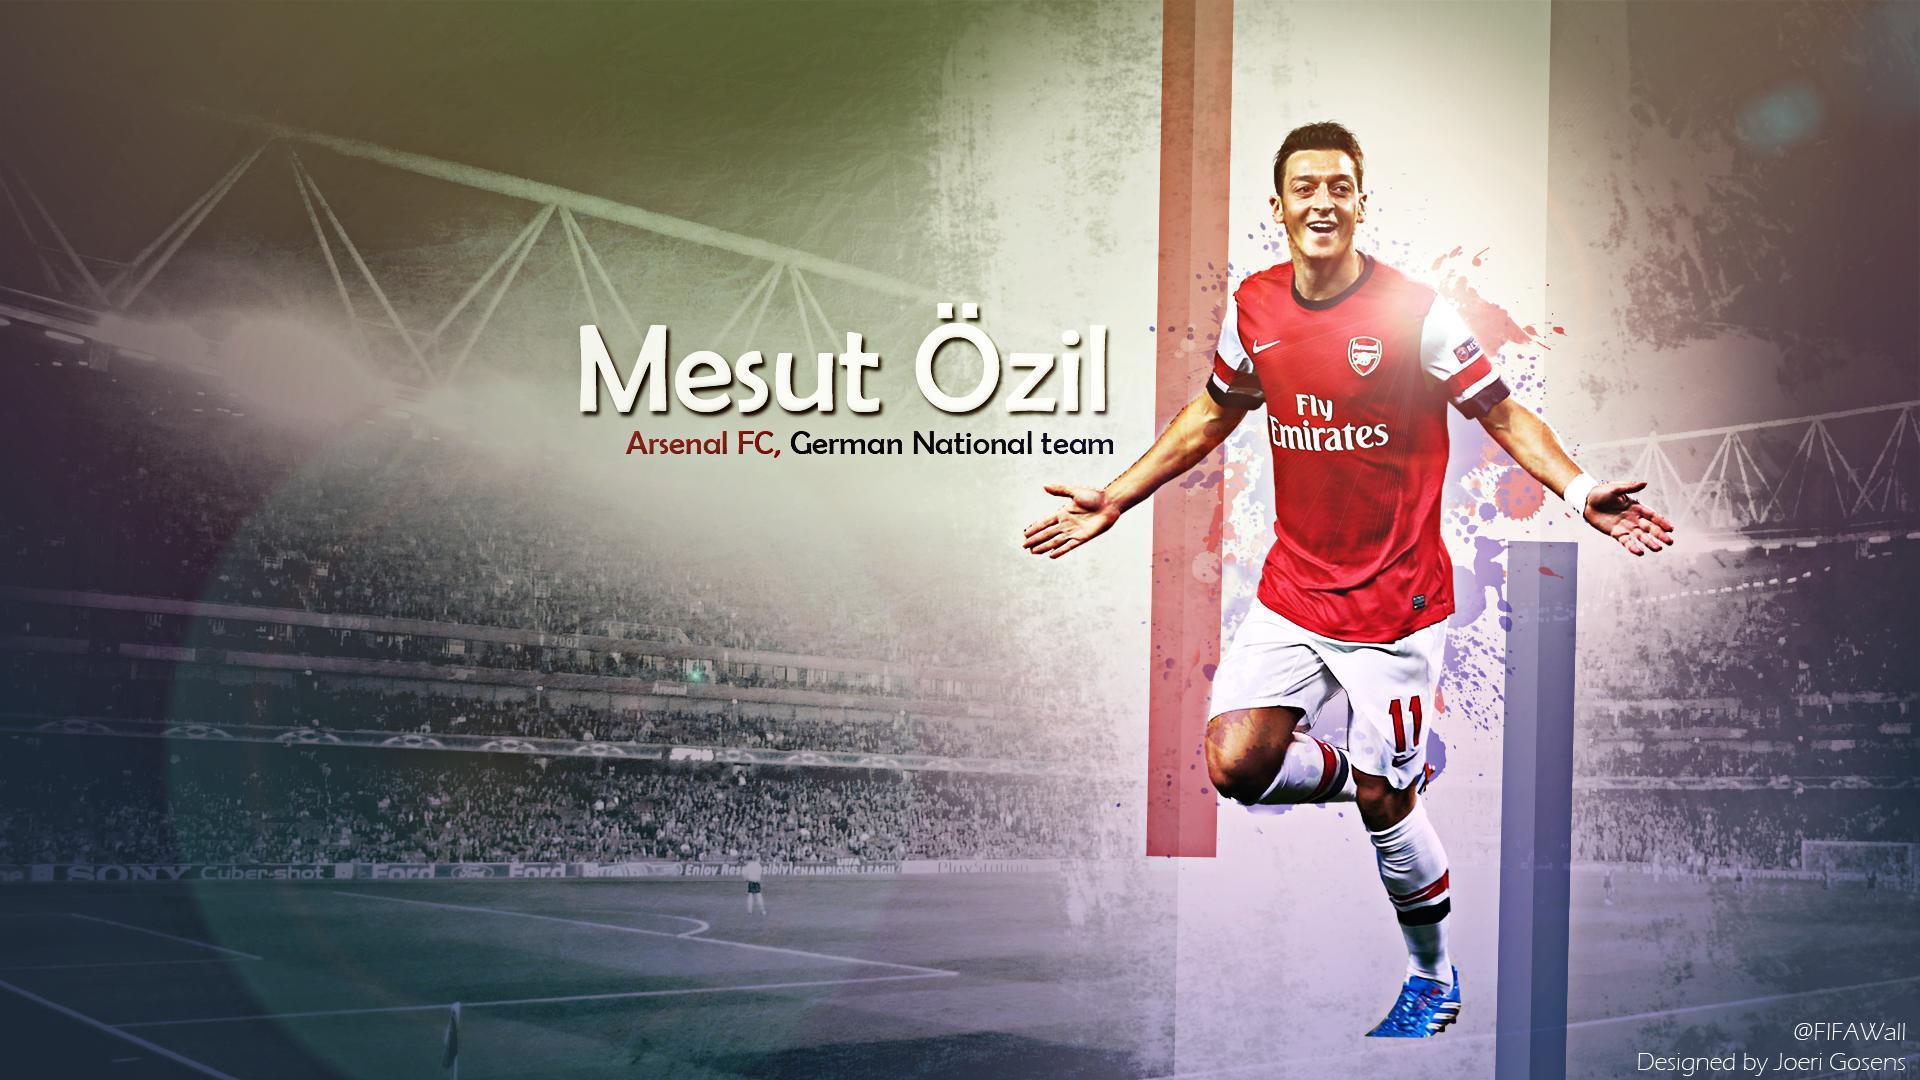 <b>Mesut Ozil</b> Background